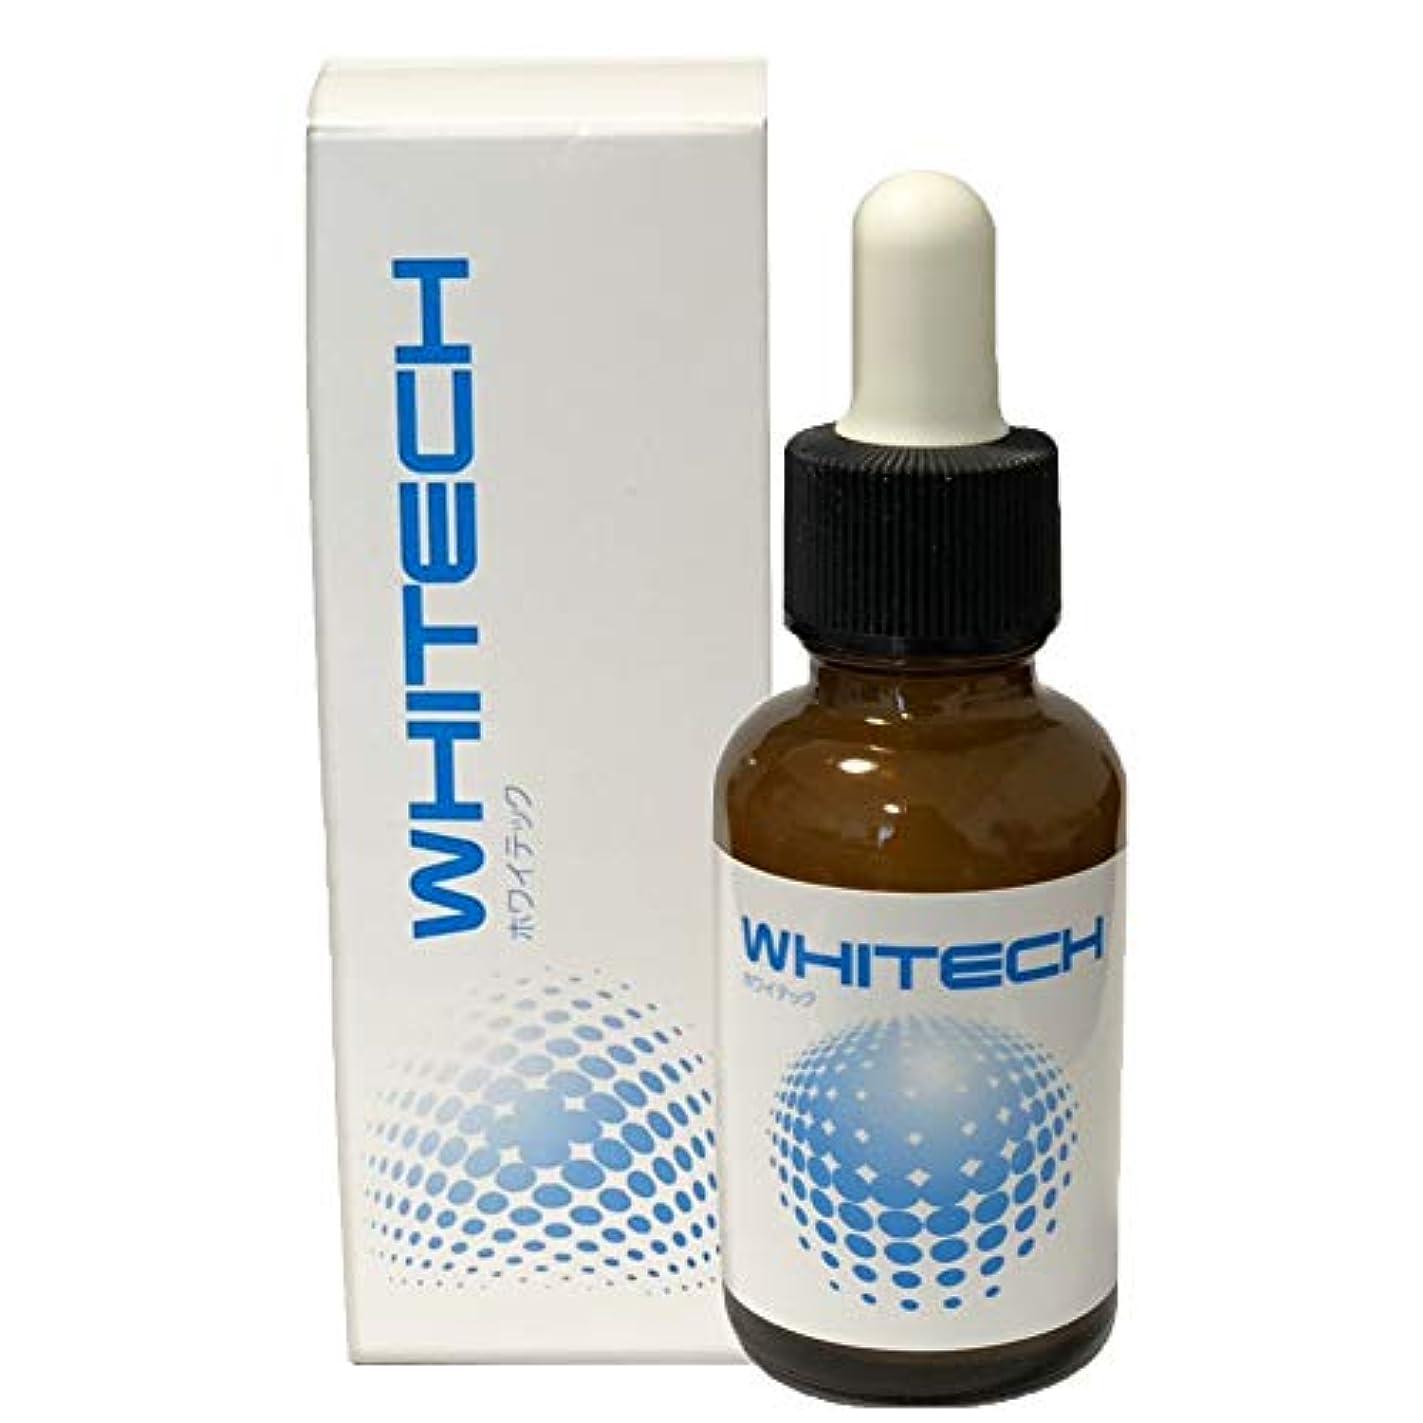 方向うんざり繰り返した【医薬部外品】WHITECH -ホワイテック- 薬用ホワイトニングジェル 歯磨きジェル